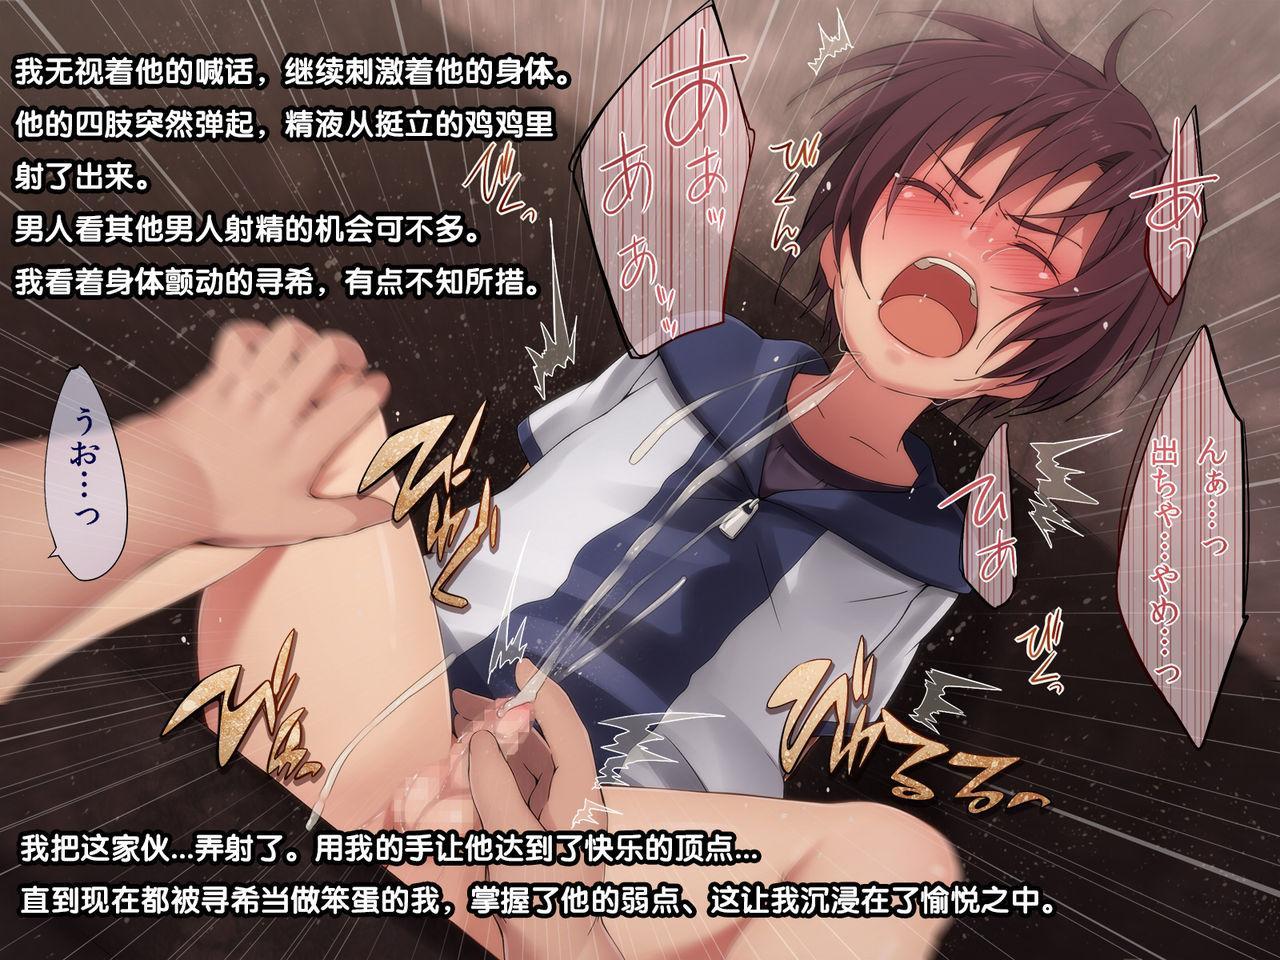 Seiryokuzai de Seiyoku Bouhatsu! Tairyou Tanetsuke de Shota Kyoudai Kyousei Harabote! 25